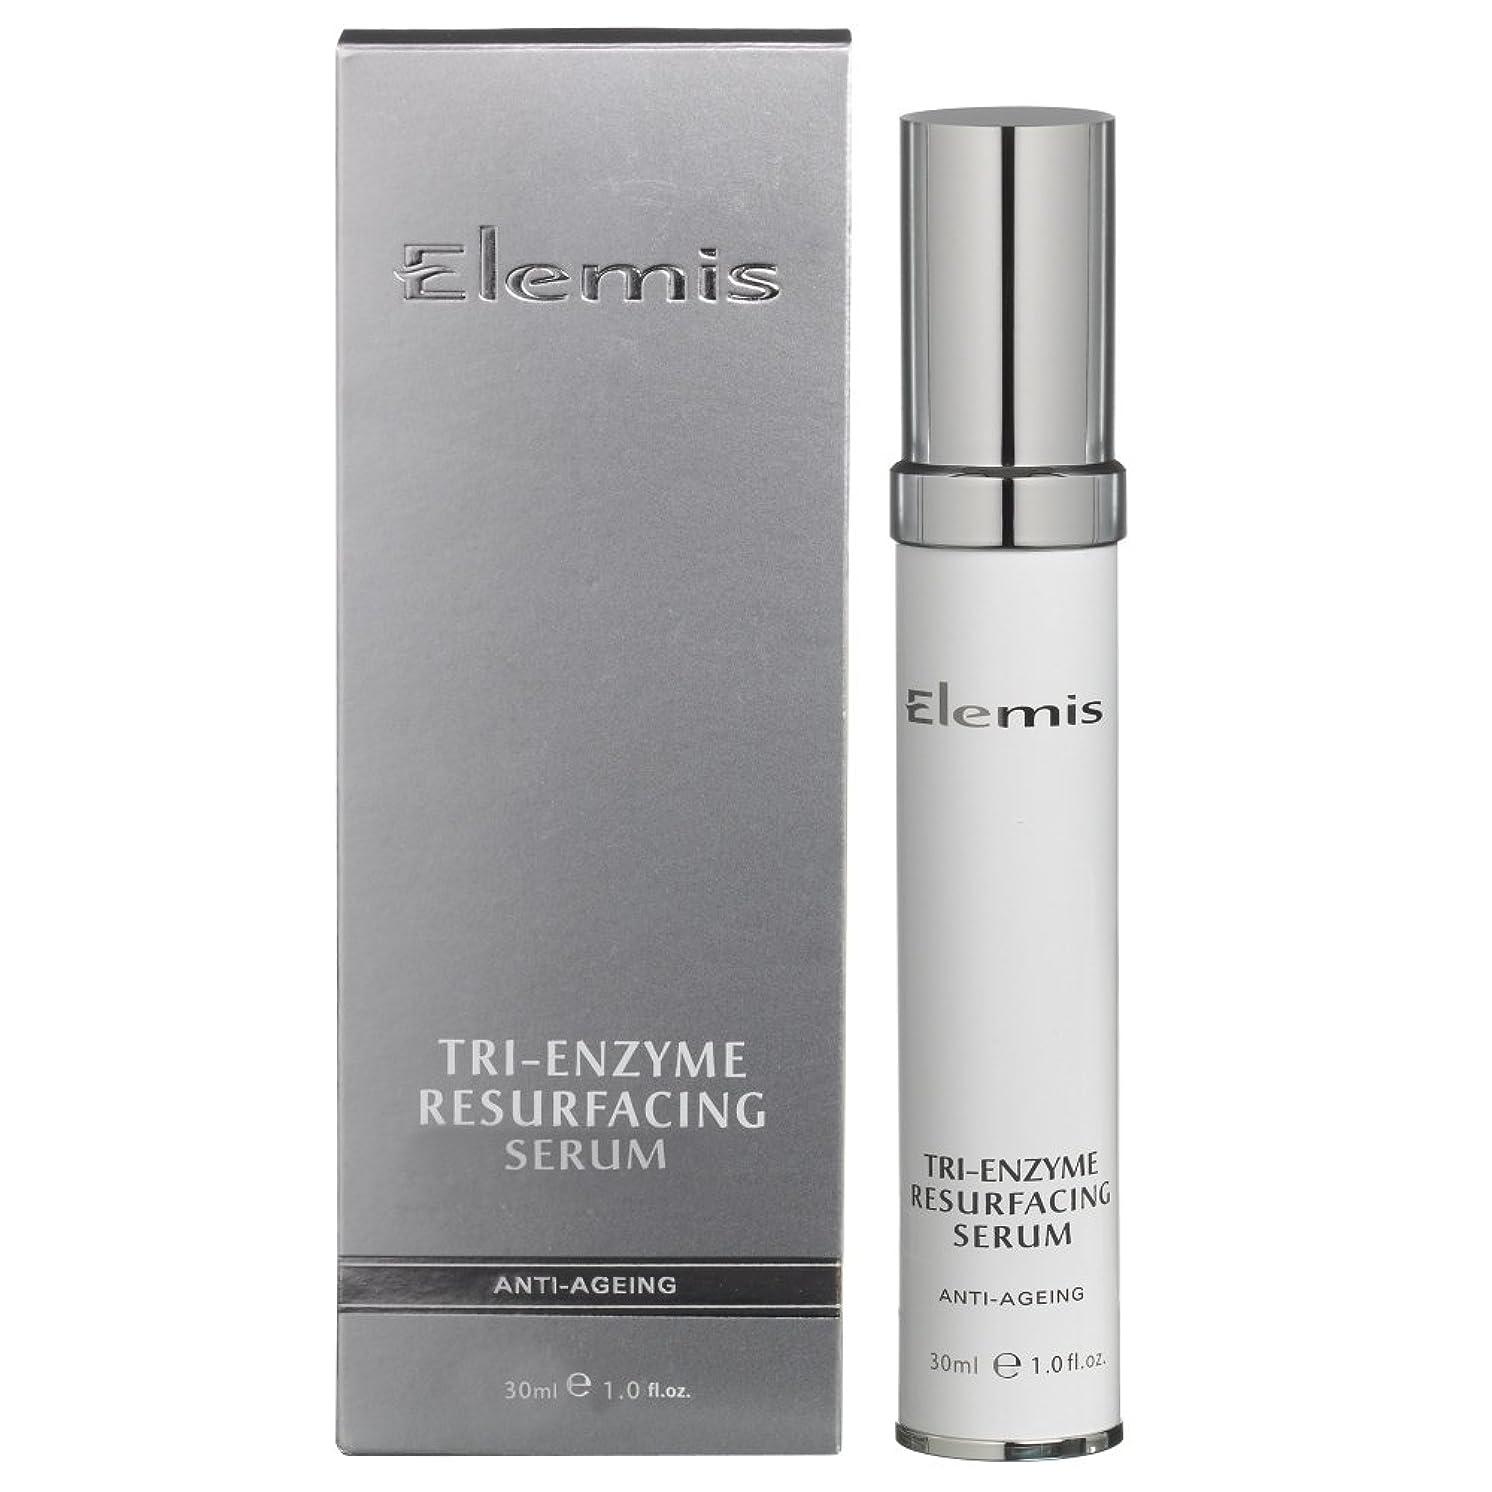 笑い息苦しい暖かさエレミストライ酵素リサーフェシング血清 (Elemis) (x6) - Elemis Tri-Enzyme Resurfacing Serum (Pack of 6) [並行輸入品]